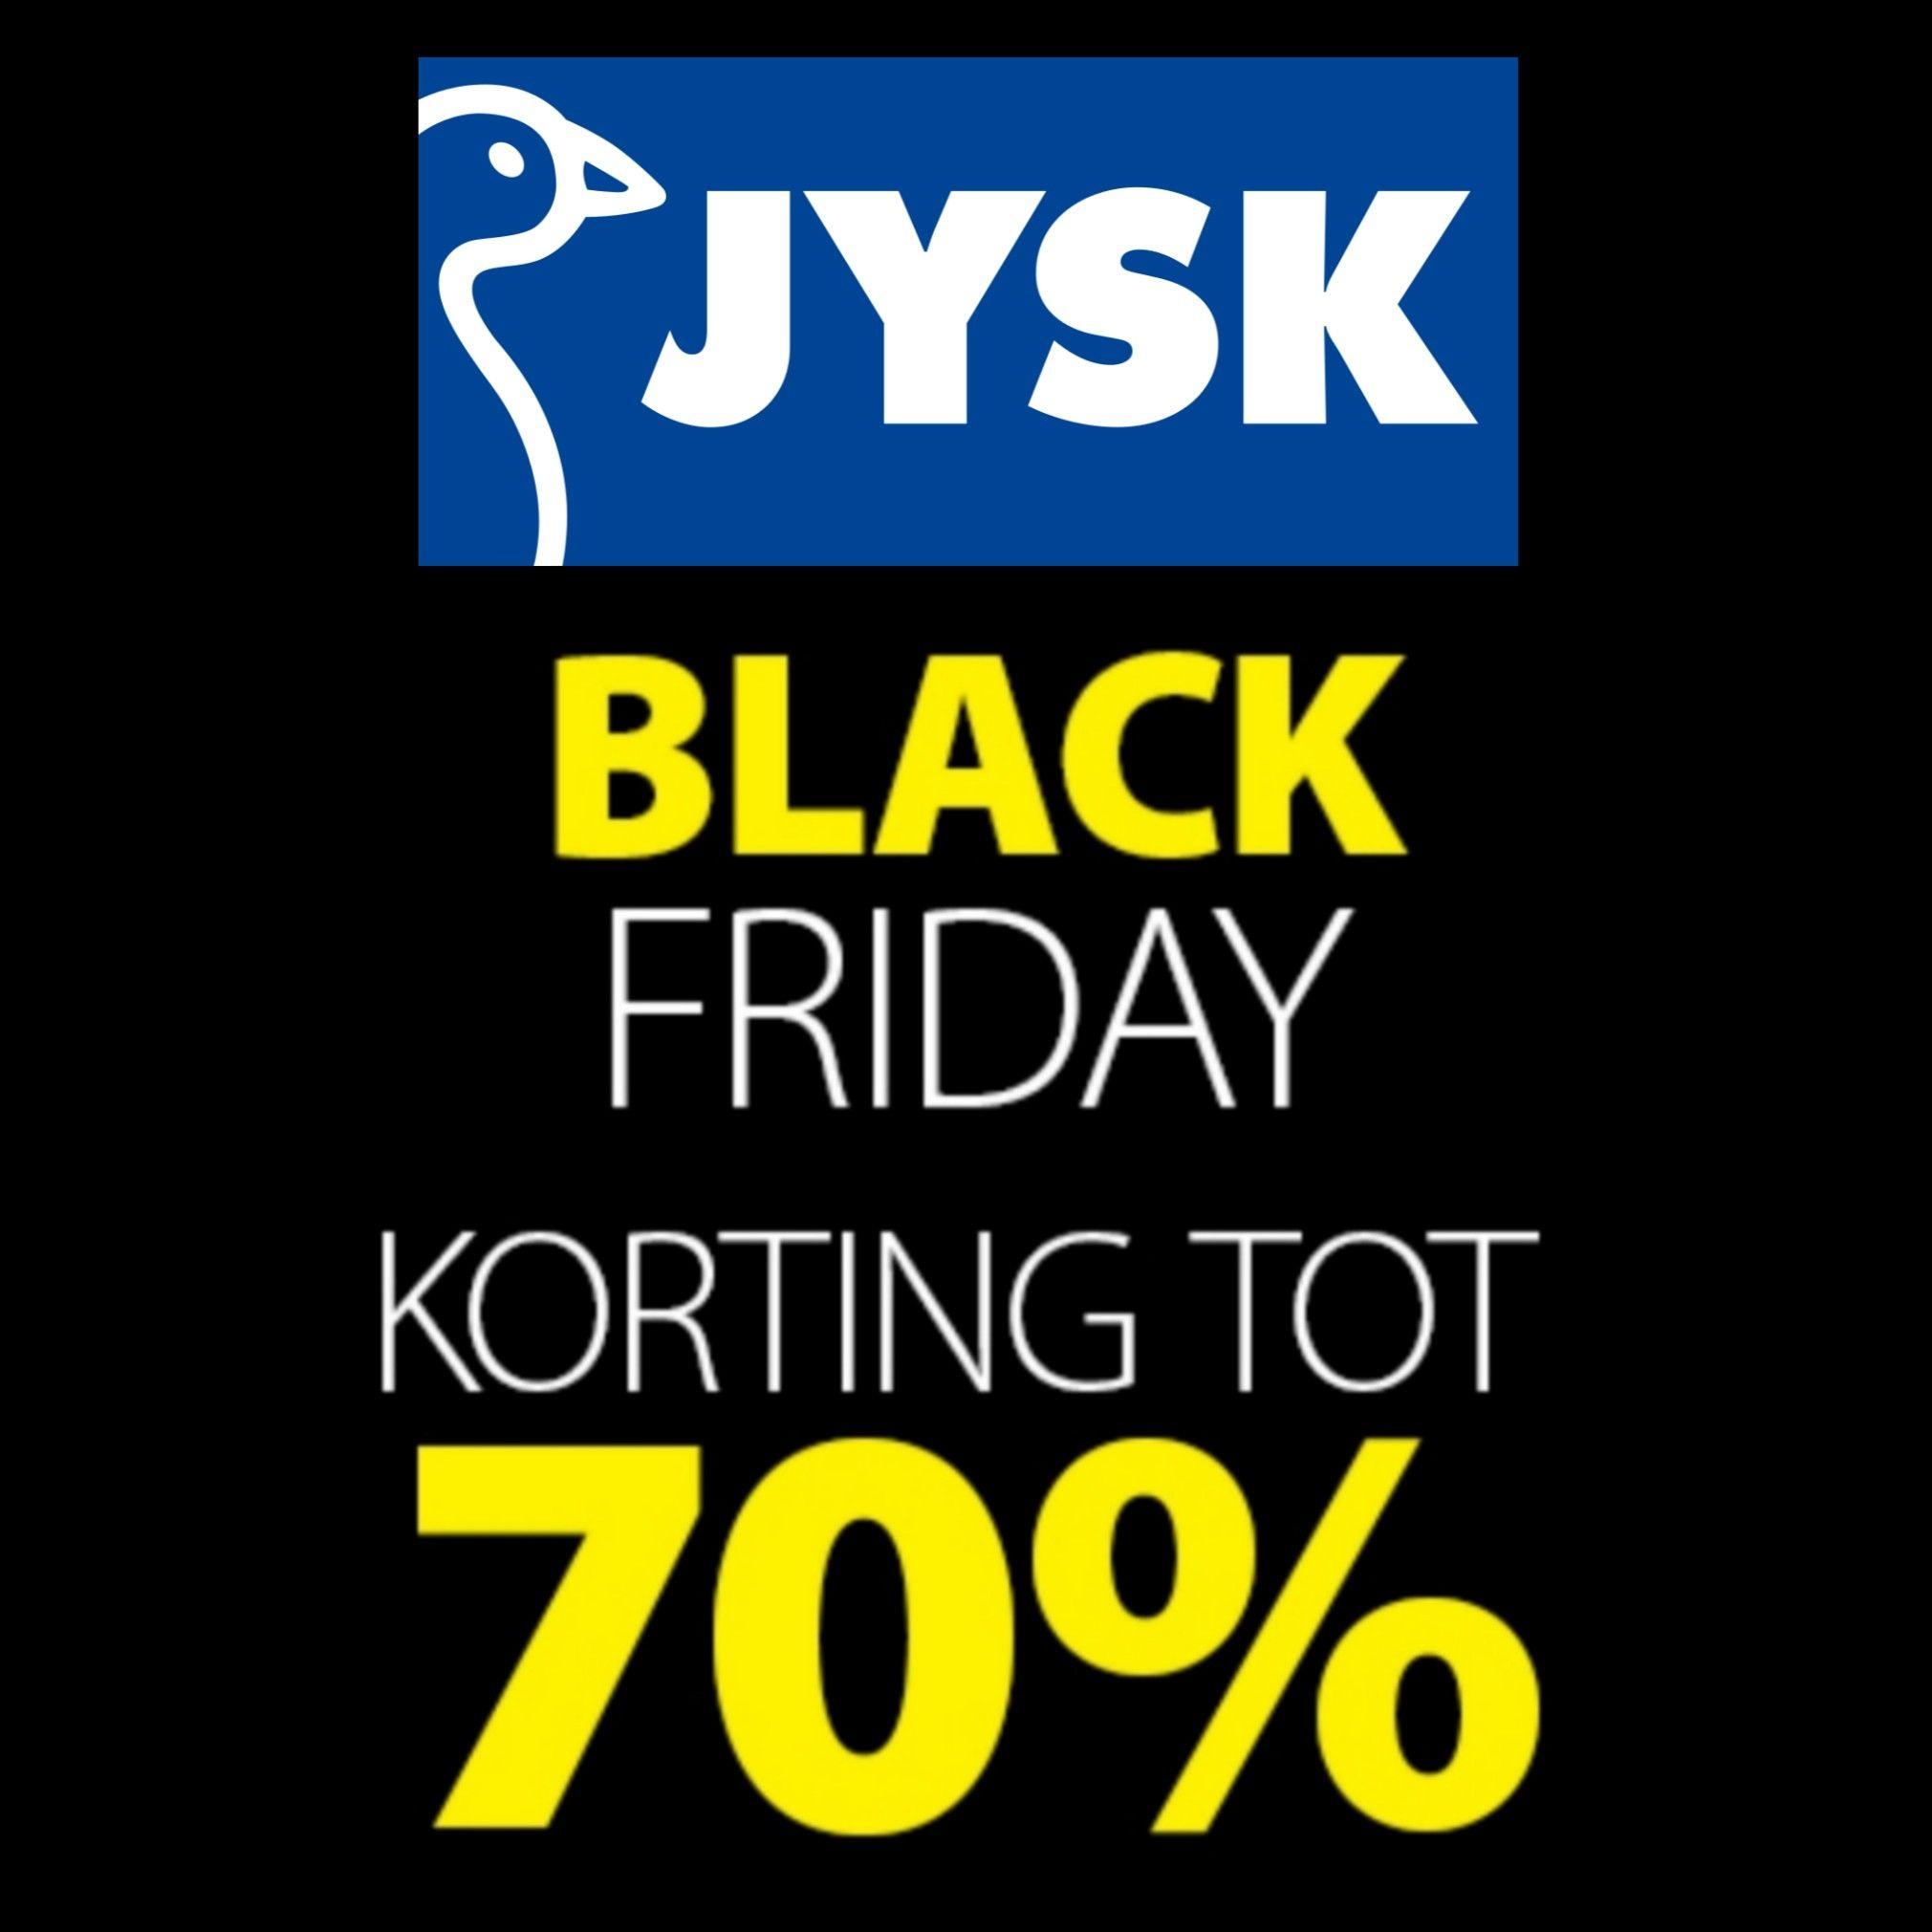 JYSK tot 70% Black Friday korting!